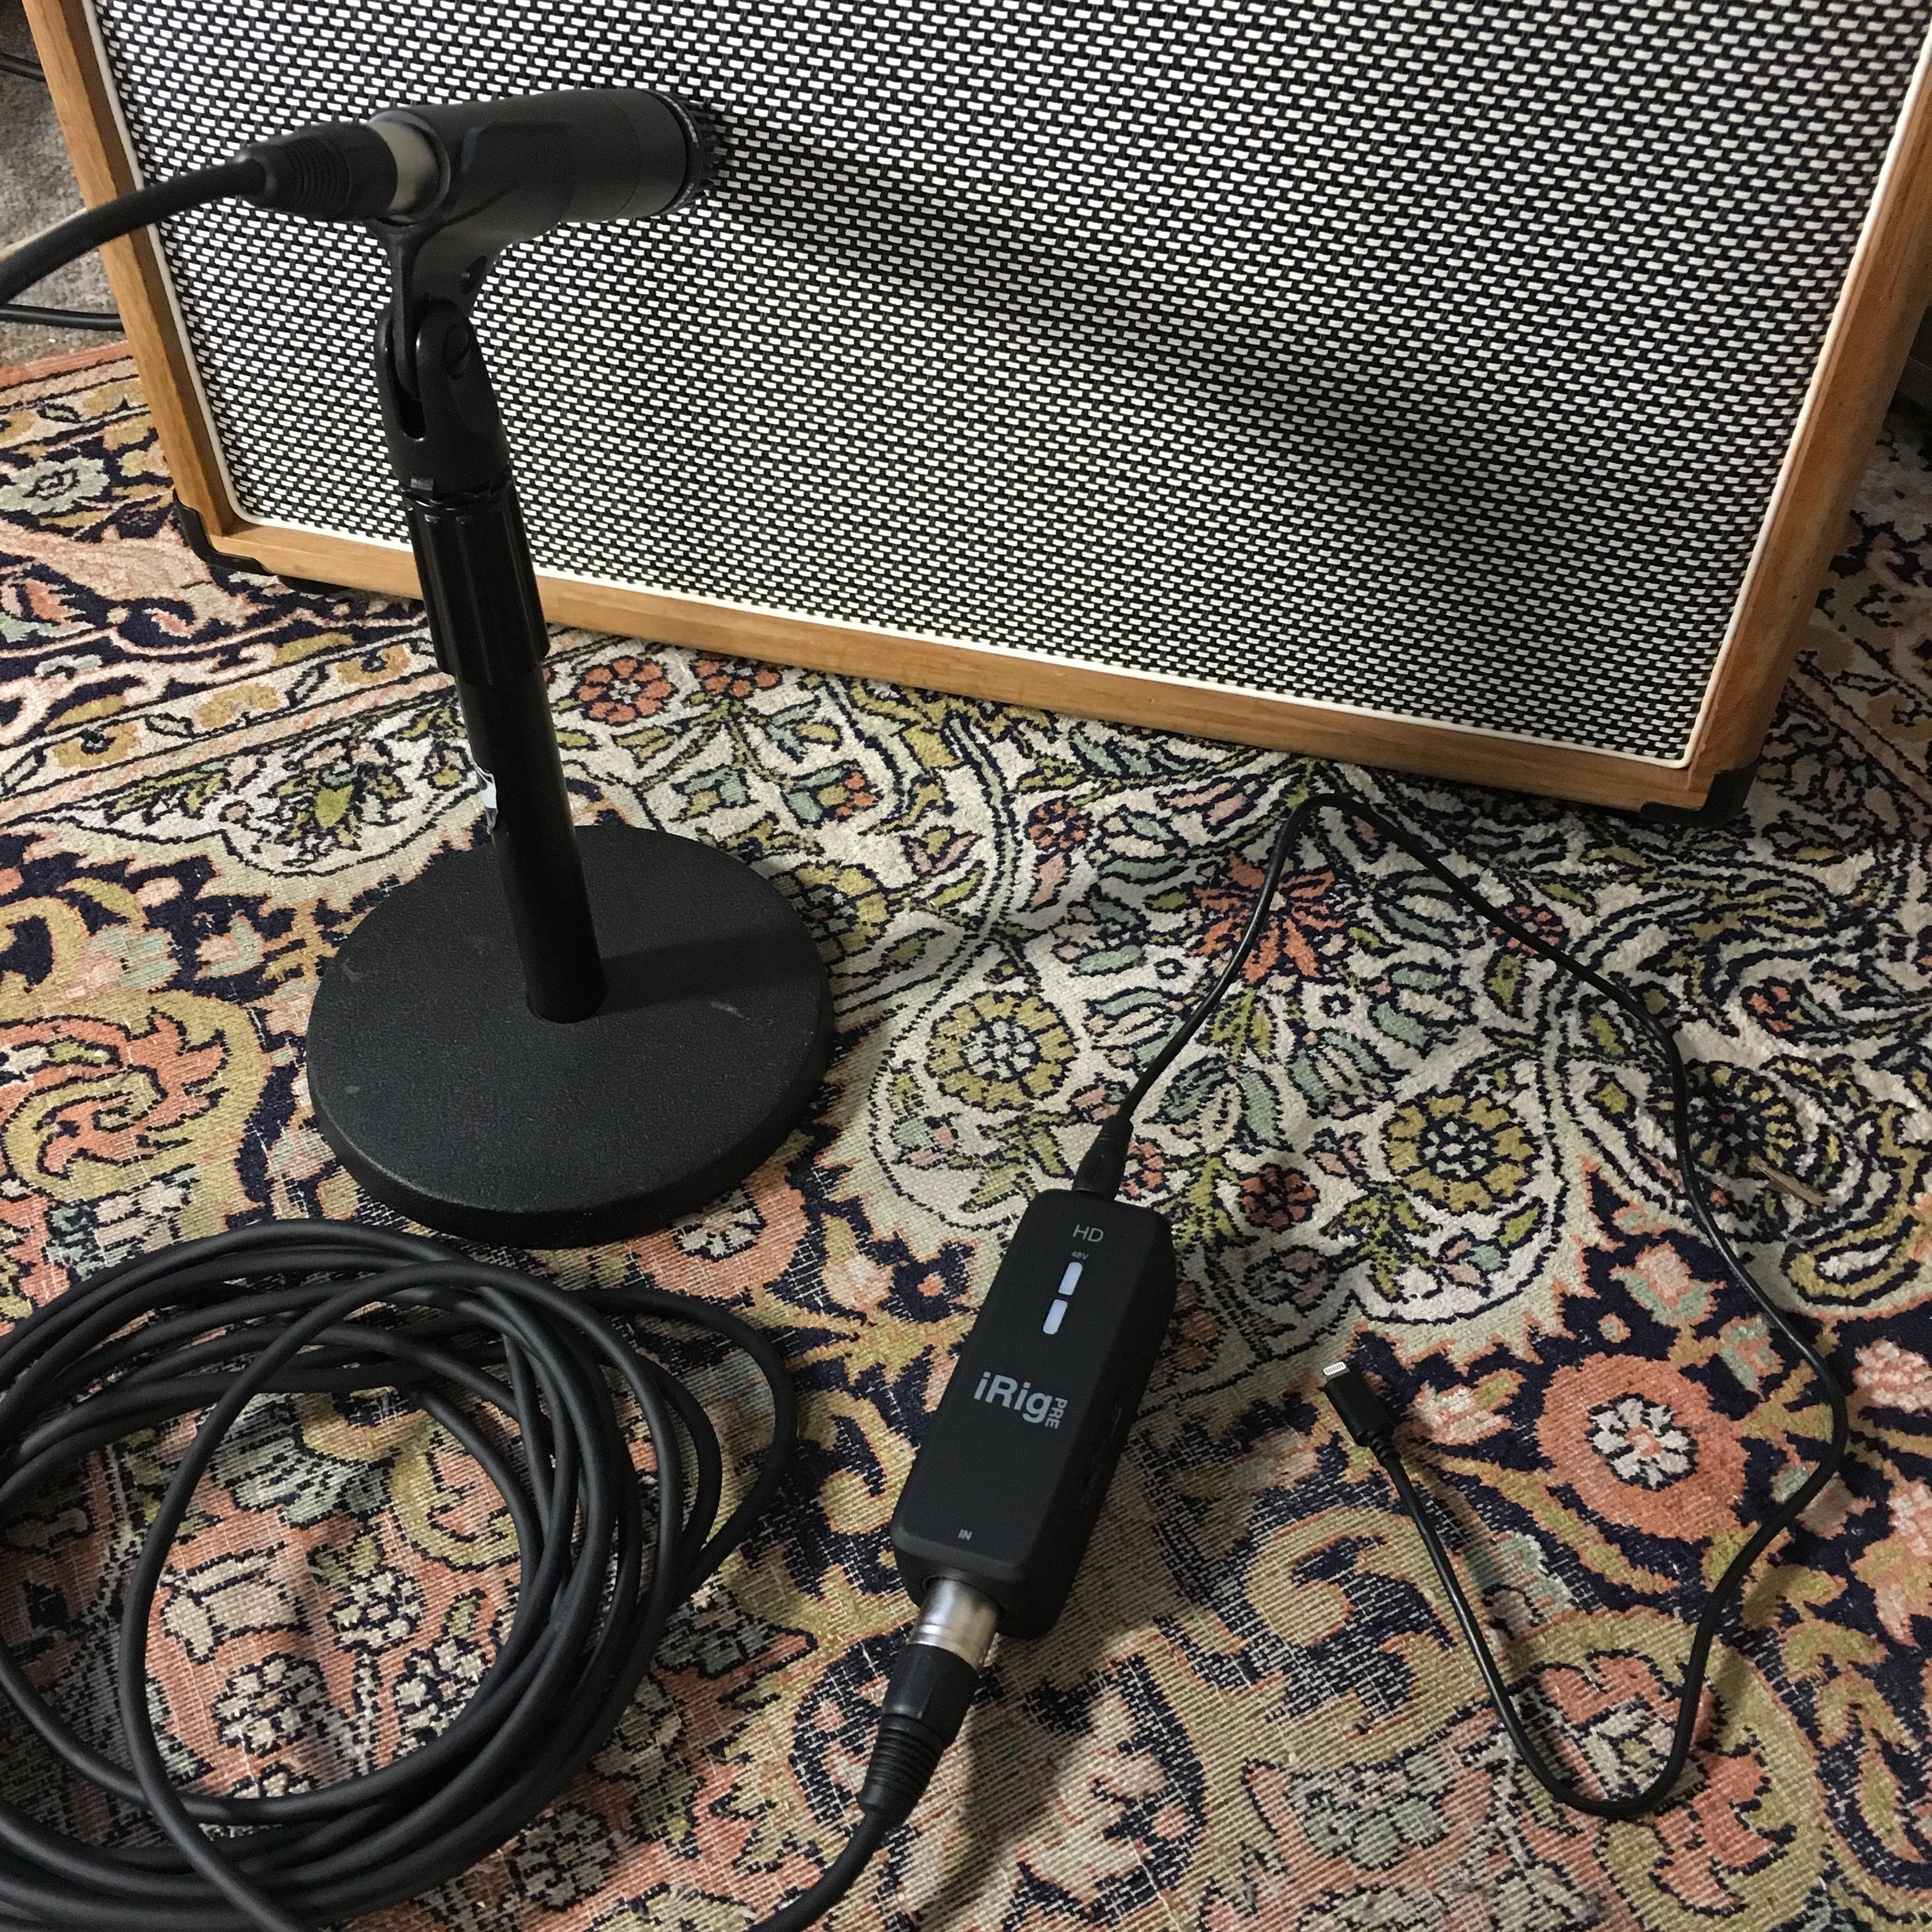 Test iRig Pre HD : avoir un bon son de guitare électrique dans une vidéo smartphone